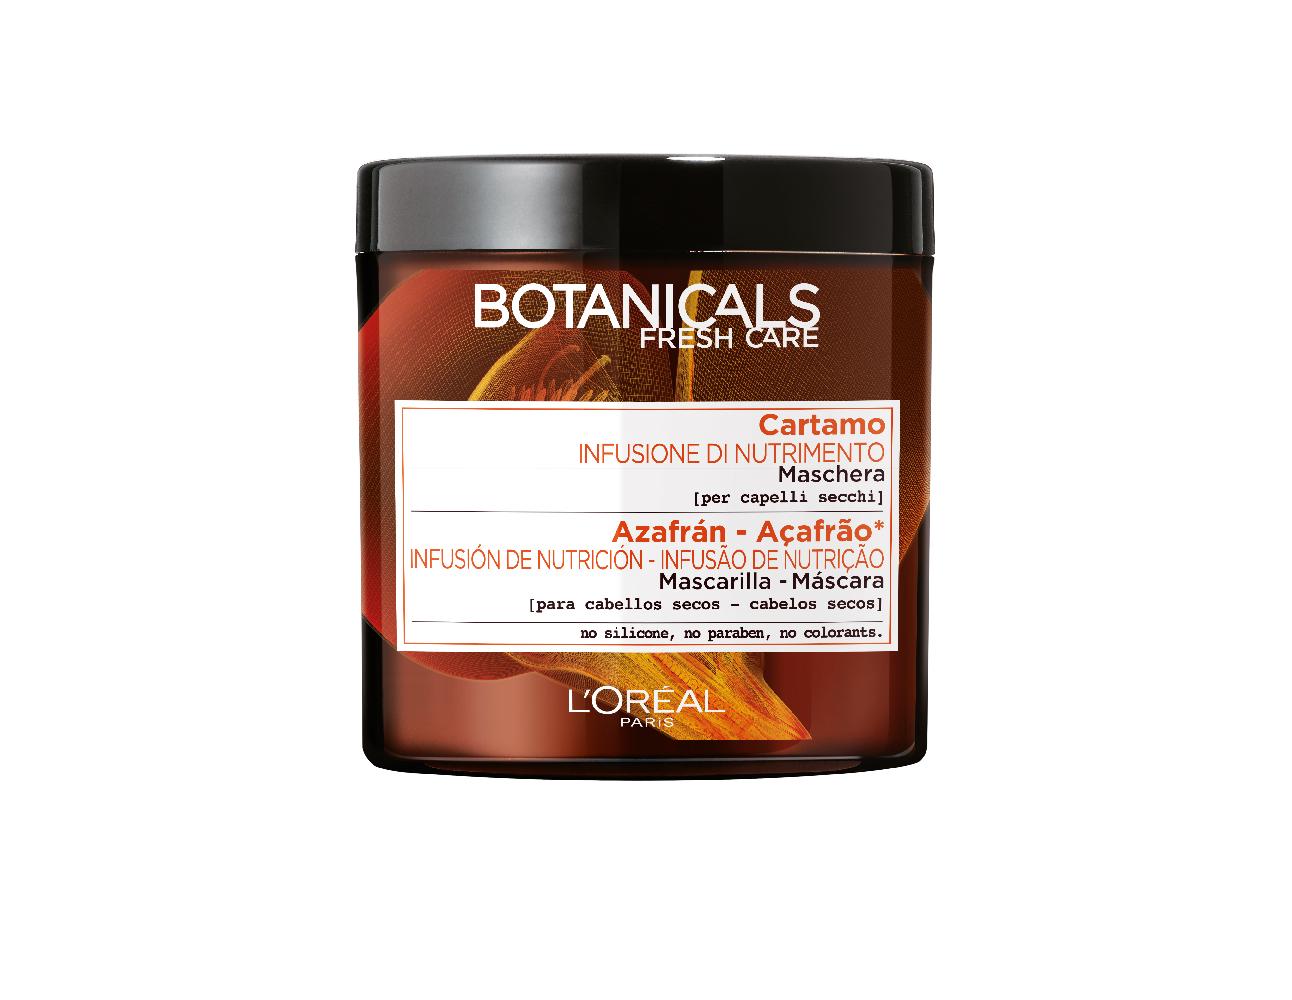 Image of Botanicals Fresh Care Maschera Nutriente con Olio di Cartamo 200ml